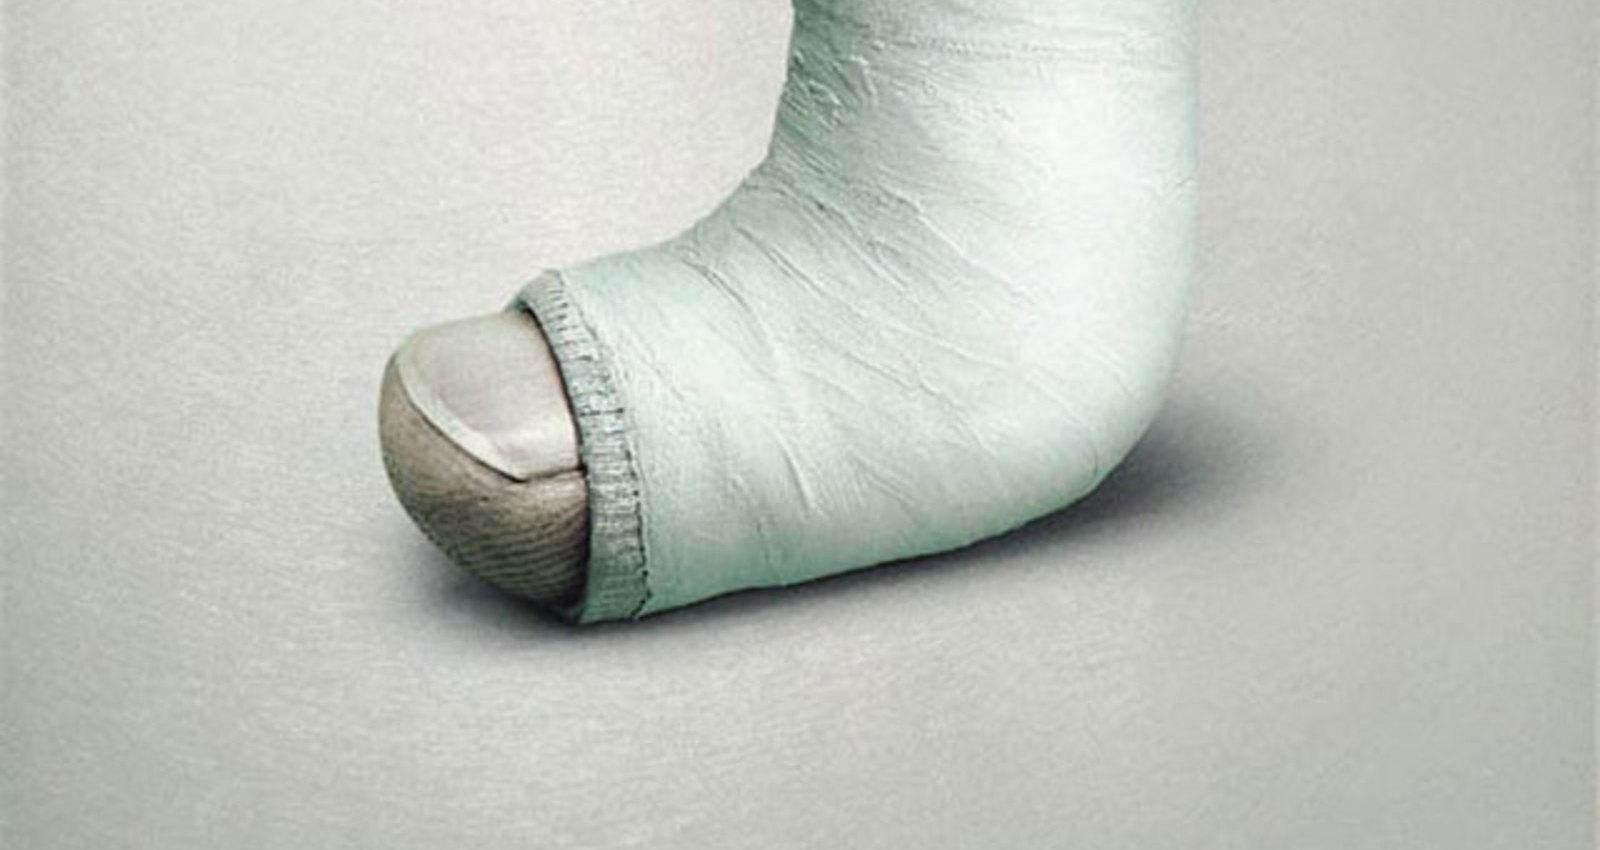 Broken Thumb